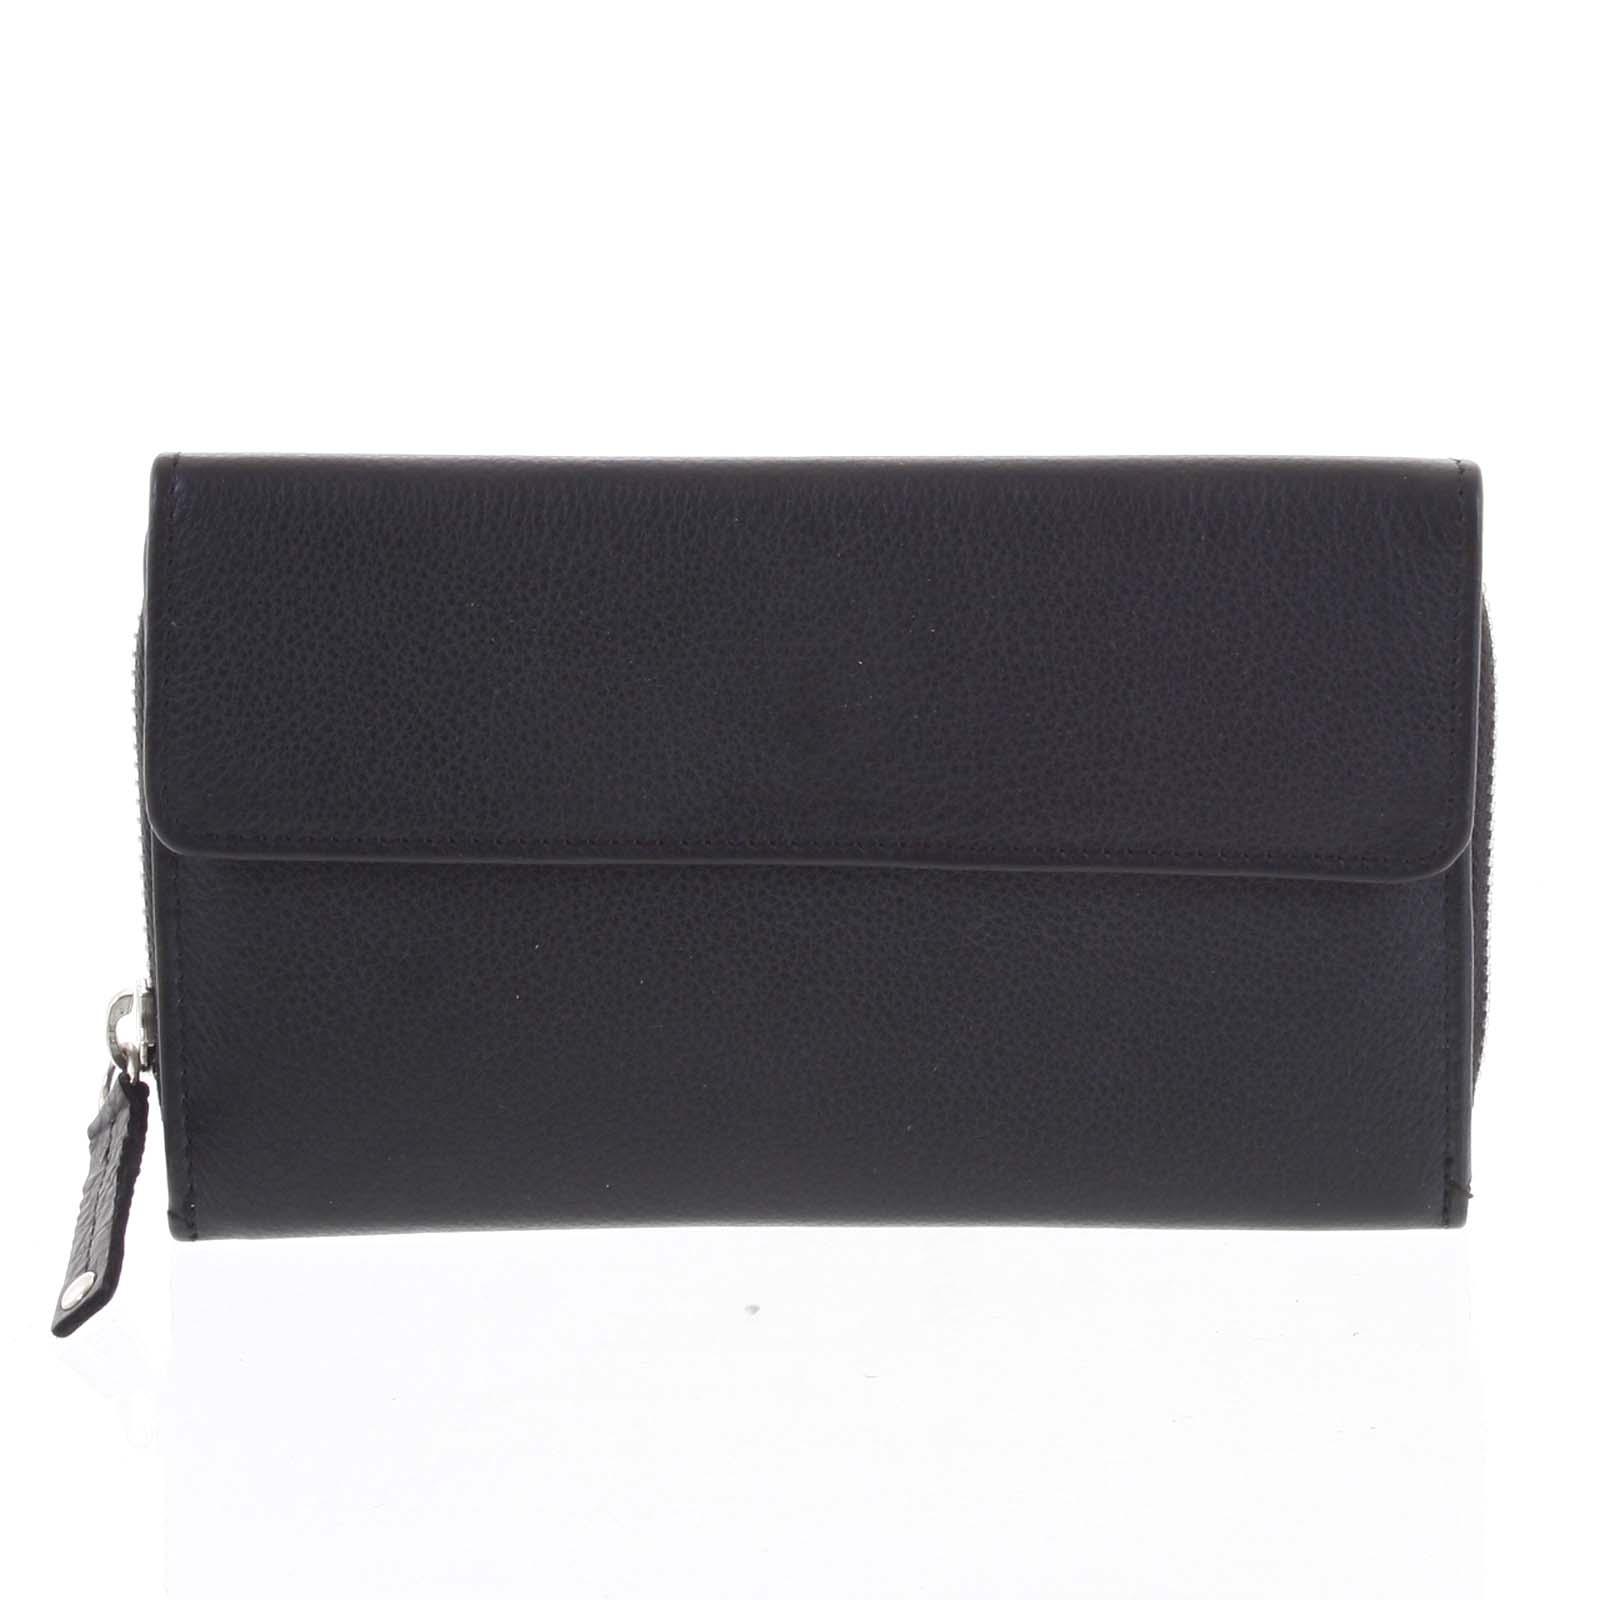 Dámská kožená peněženka černá - Tomas Menmaiya černá